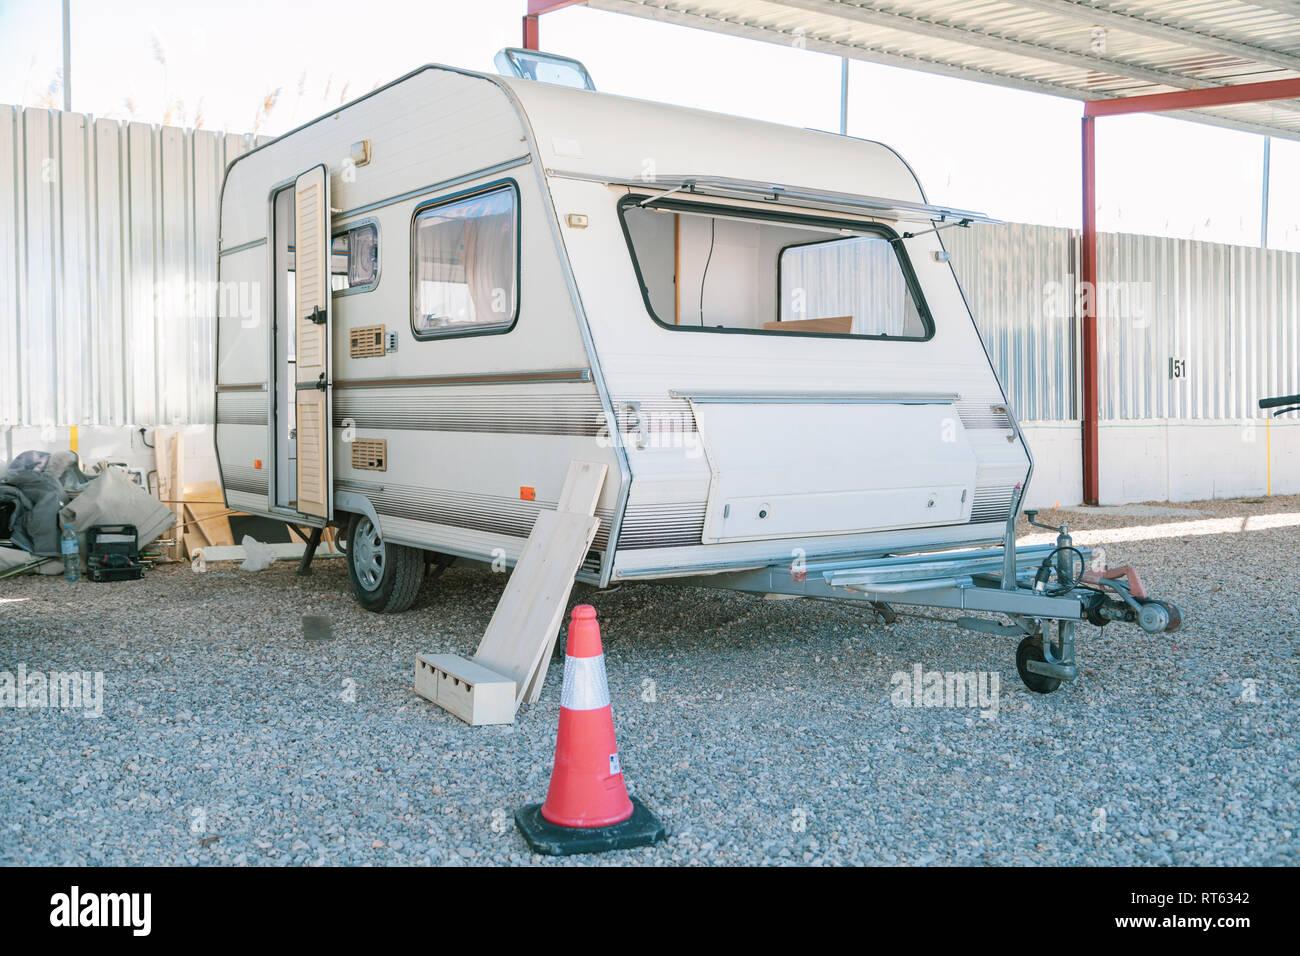 Restoring old caravan with door open - Stock Image